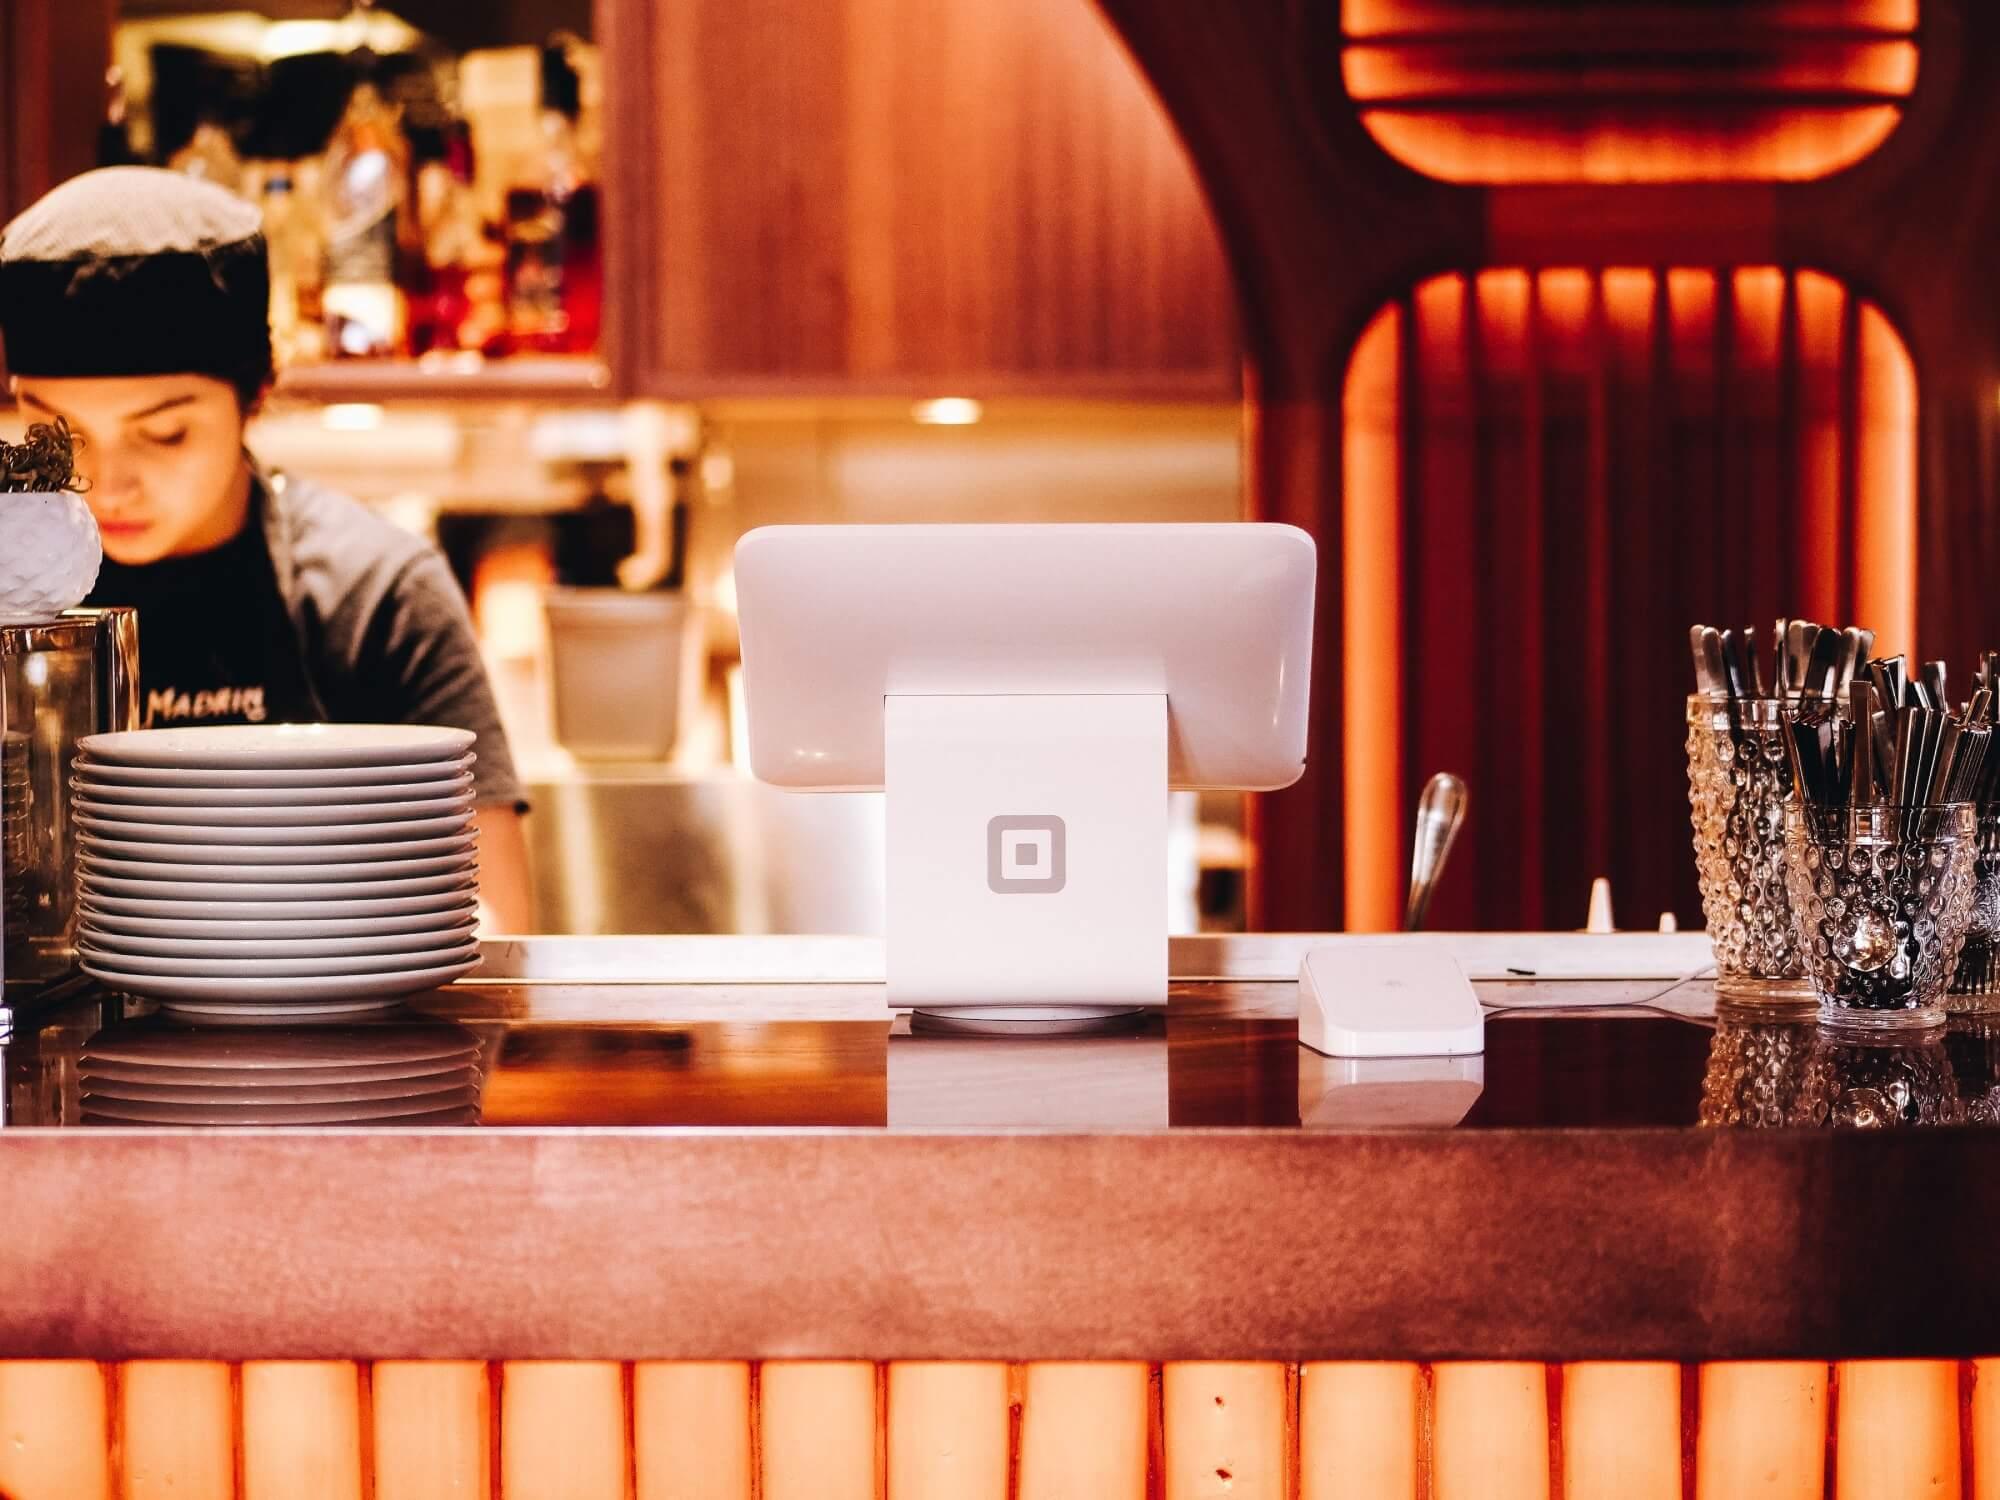 Ngành dịch vụ ăn uống, giống như nhiều ngành khác đã có sự phát triển rõ rệt không chỉ về mặt công nghệ. Hình thức tổ chức kinh doanh nhà hàng hoặc cách thức khách hàng có thể đặt bữa ăn cũng đã thay đổi. Ảnh: @AFP.